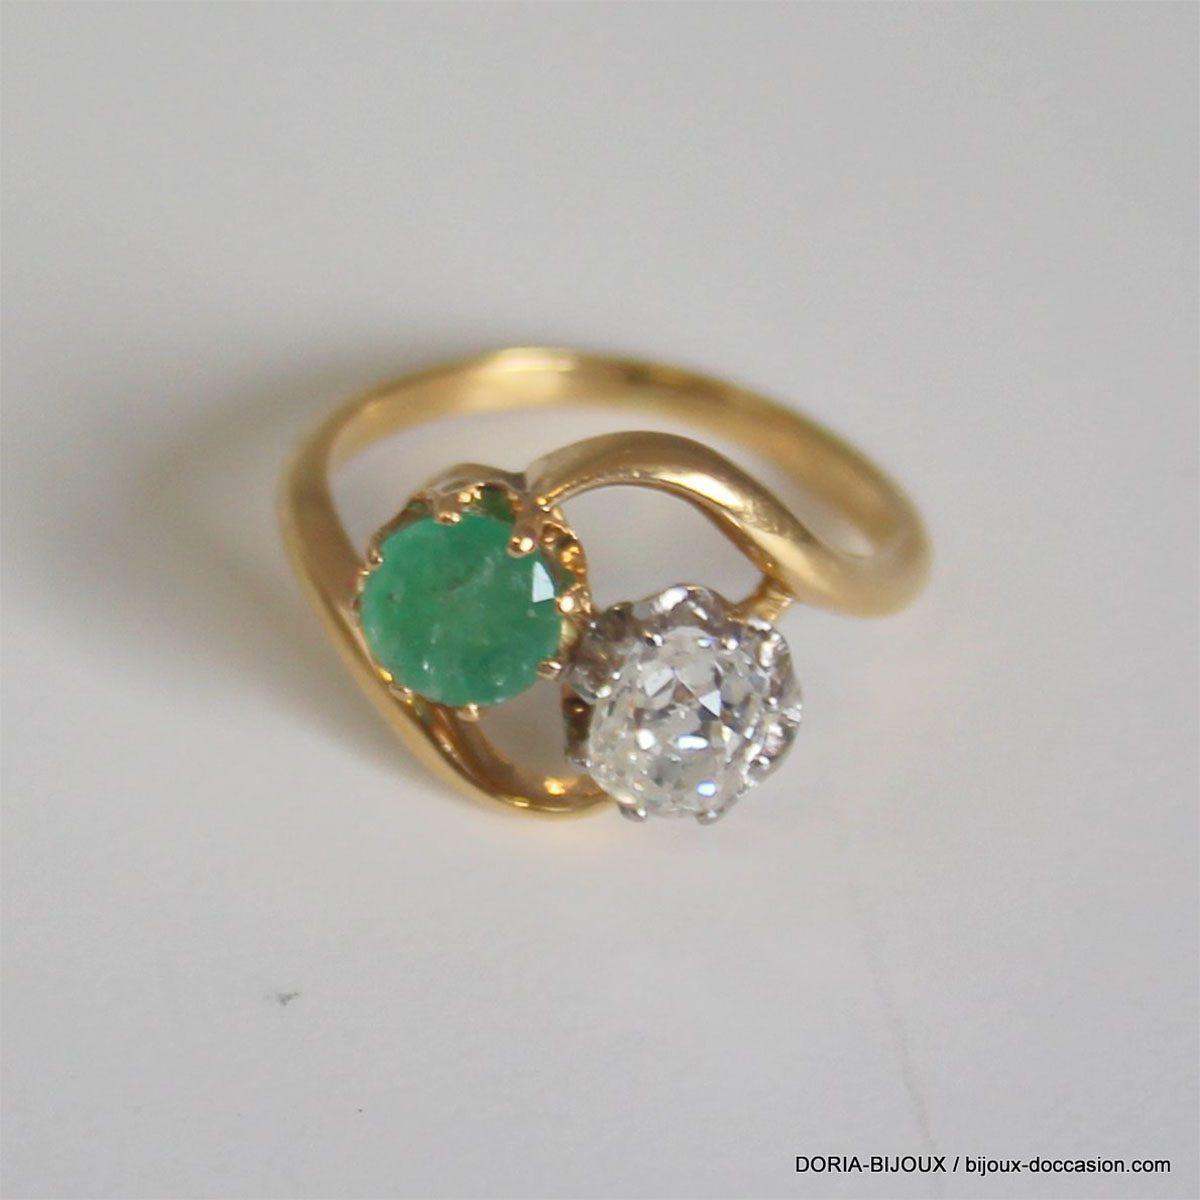 vente chaude en ligne 79805 87958 Détails sur Bague Vintage Or 18k Emeraude & Diamant 3.1grs- 50 - Bijoux  occasion